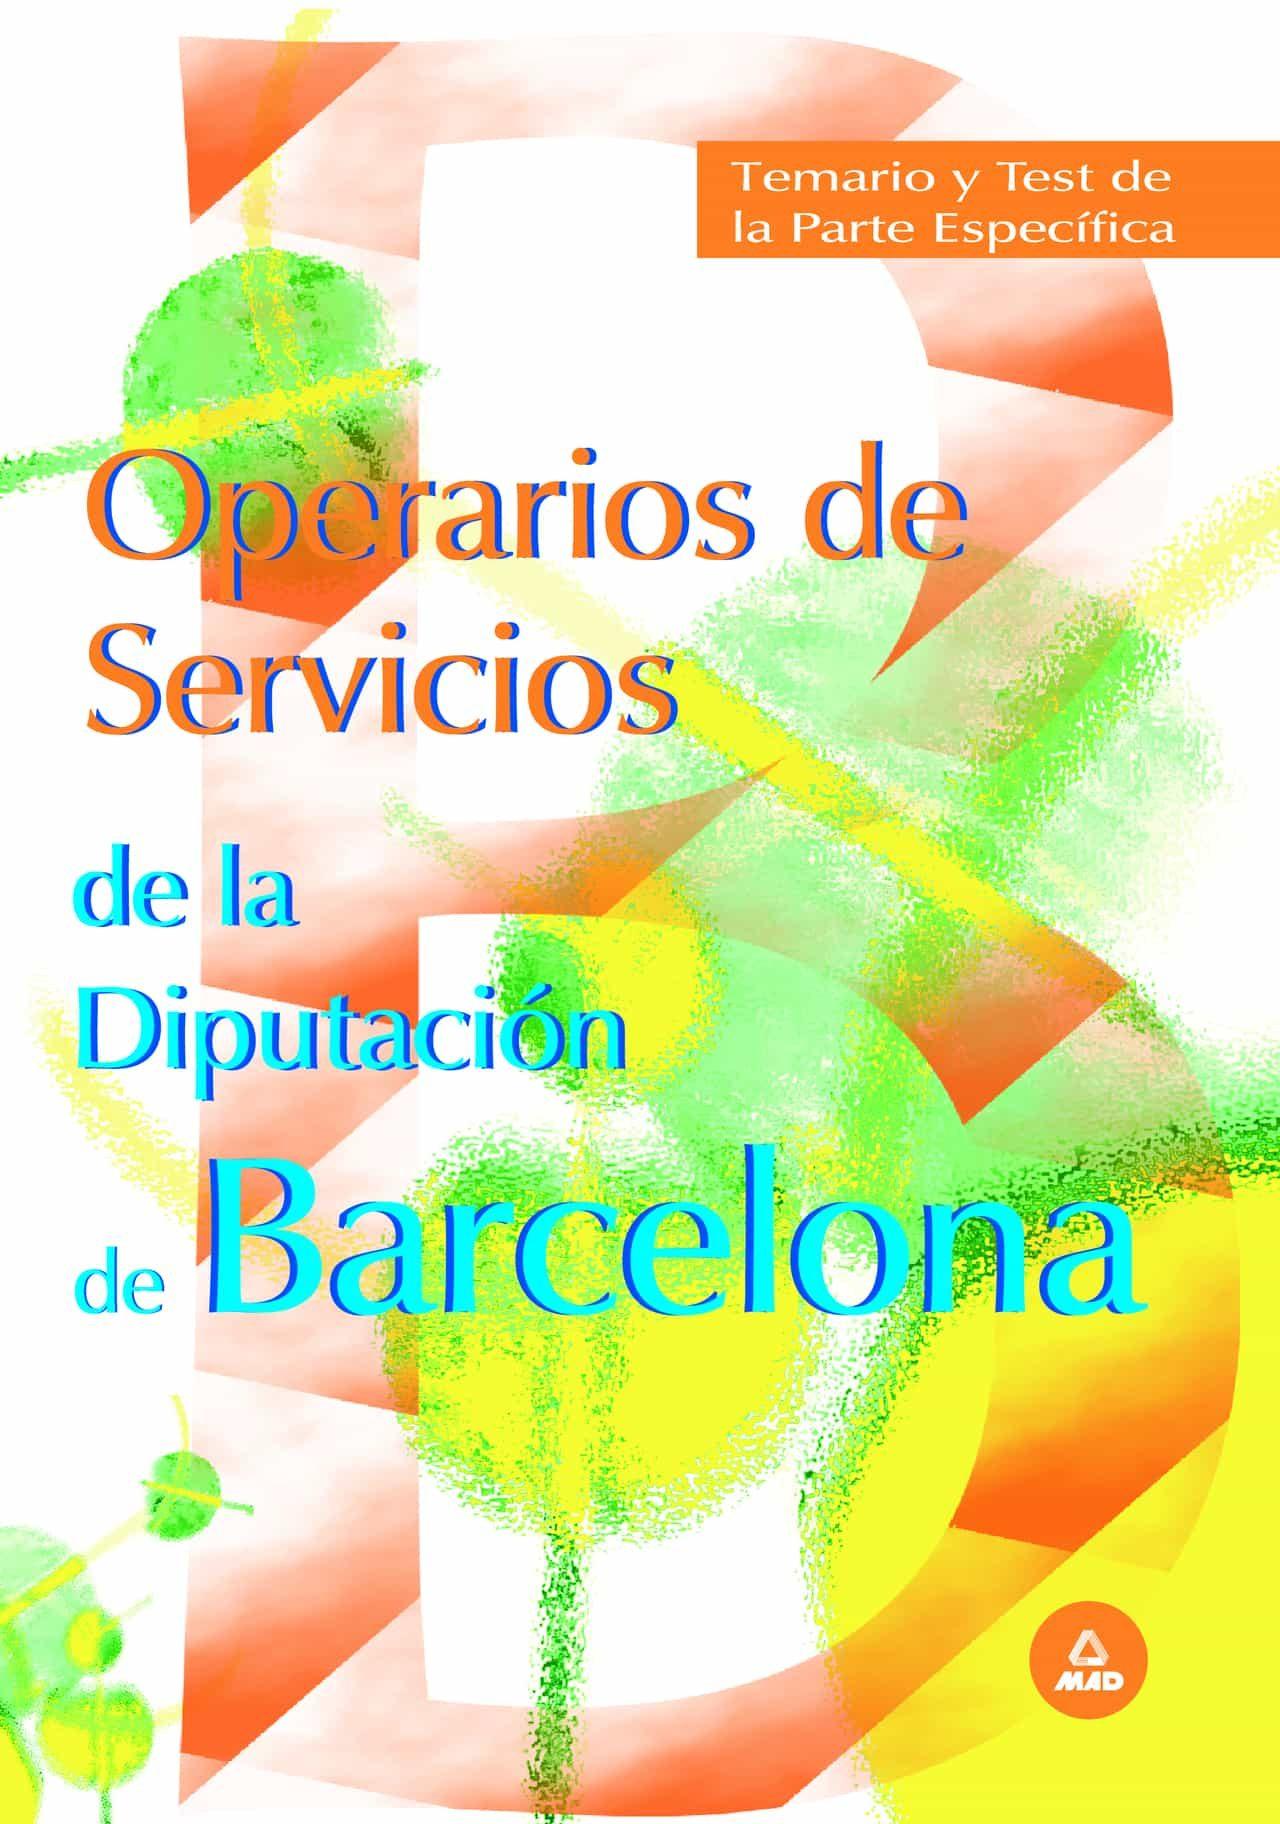 Operarios De Servicios De La Diputacion Provincial De Barcelona: Temario Y Test De La Parte Especifica por Vv.aa.